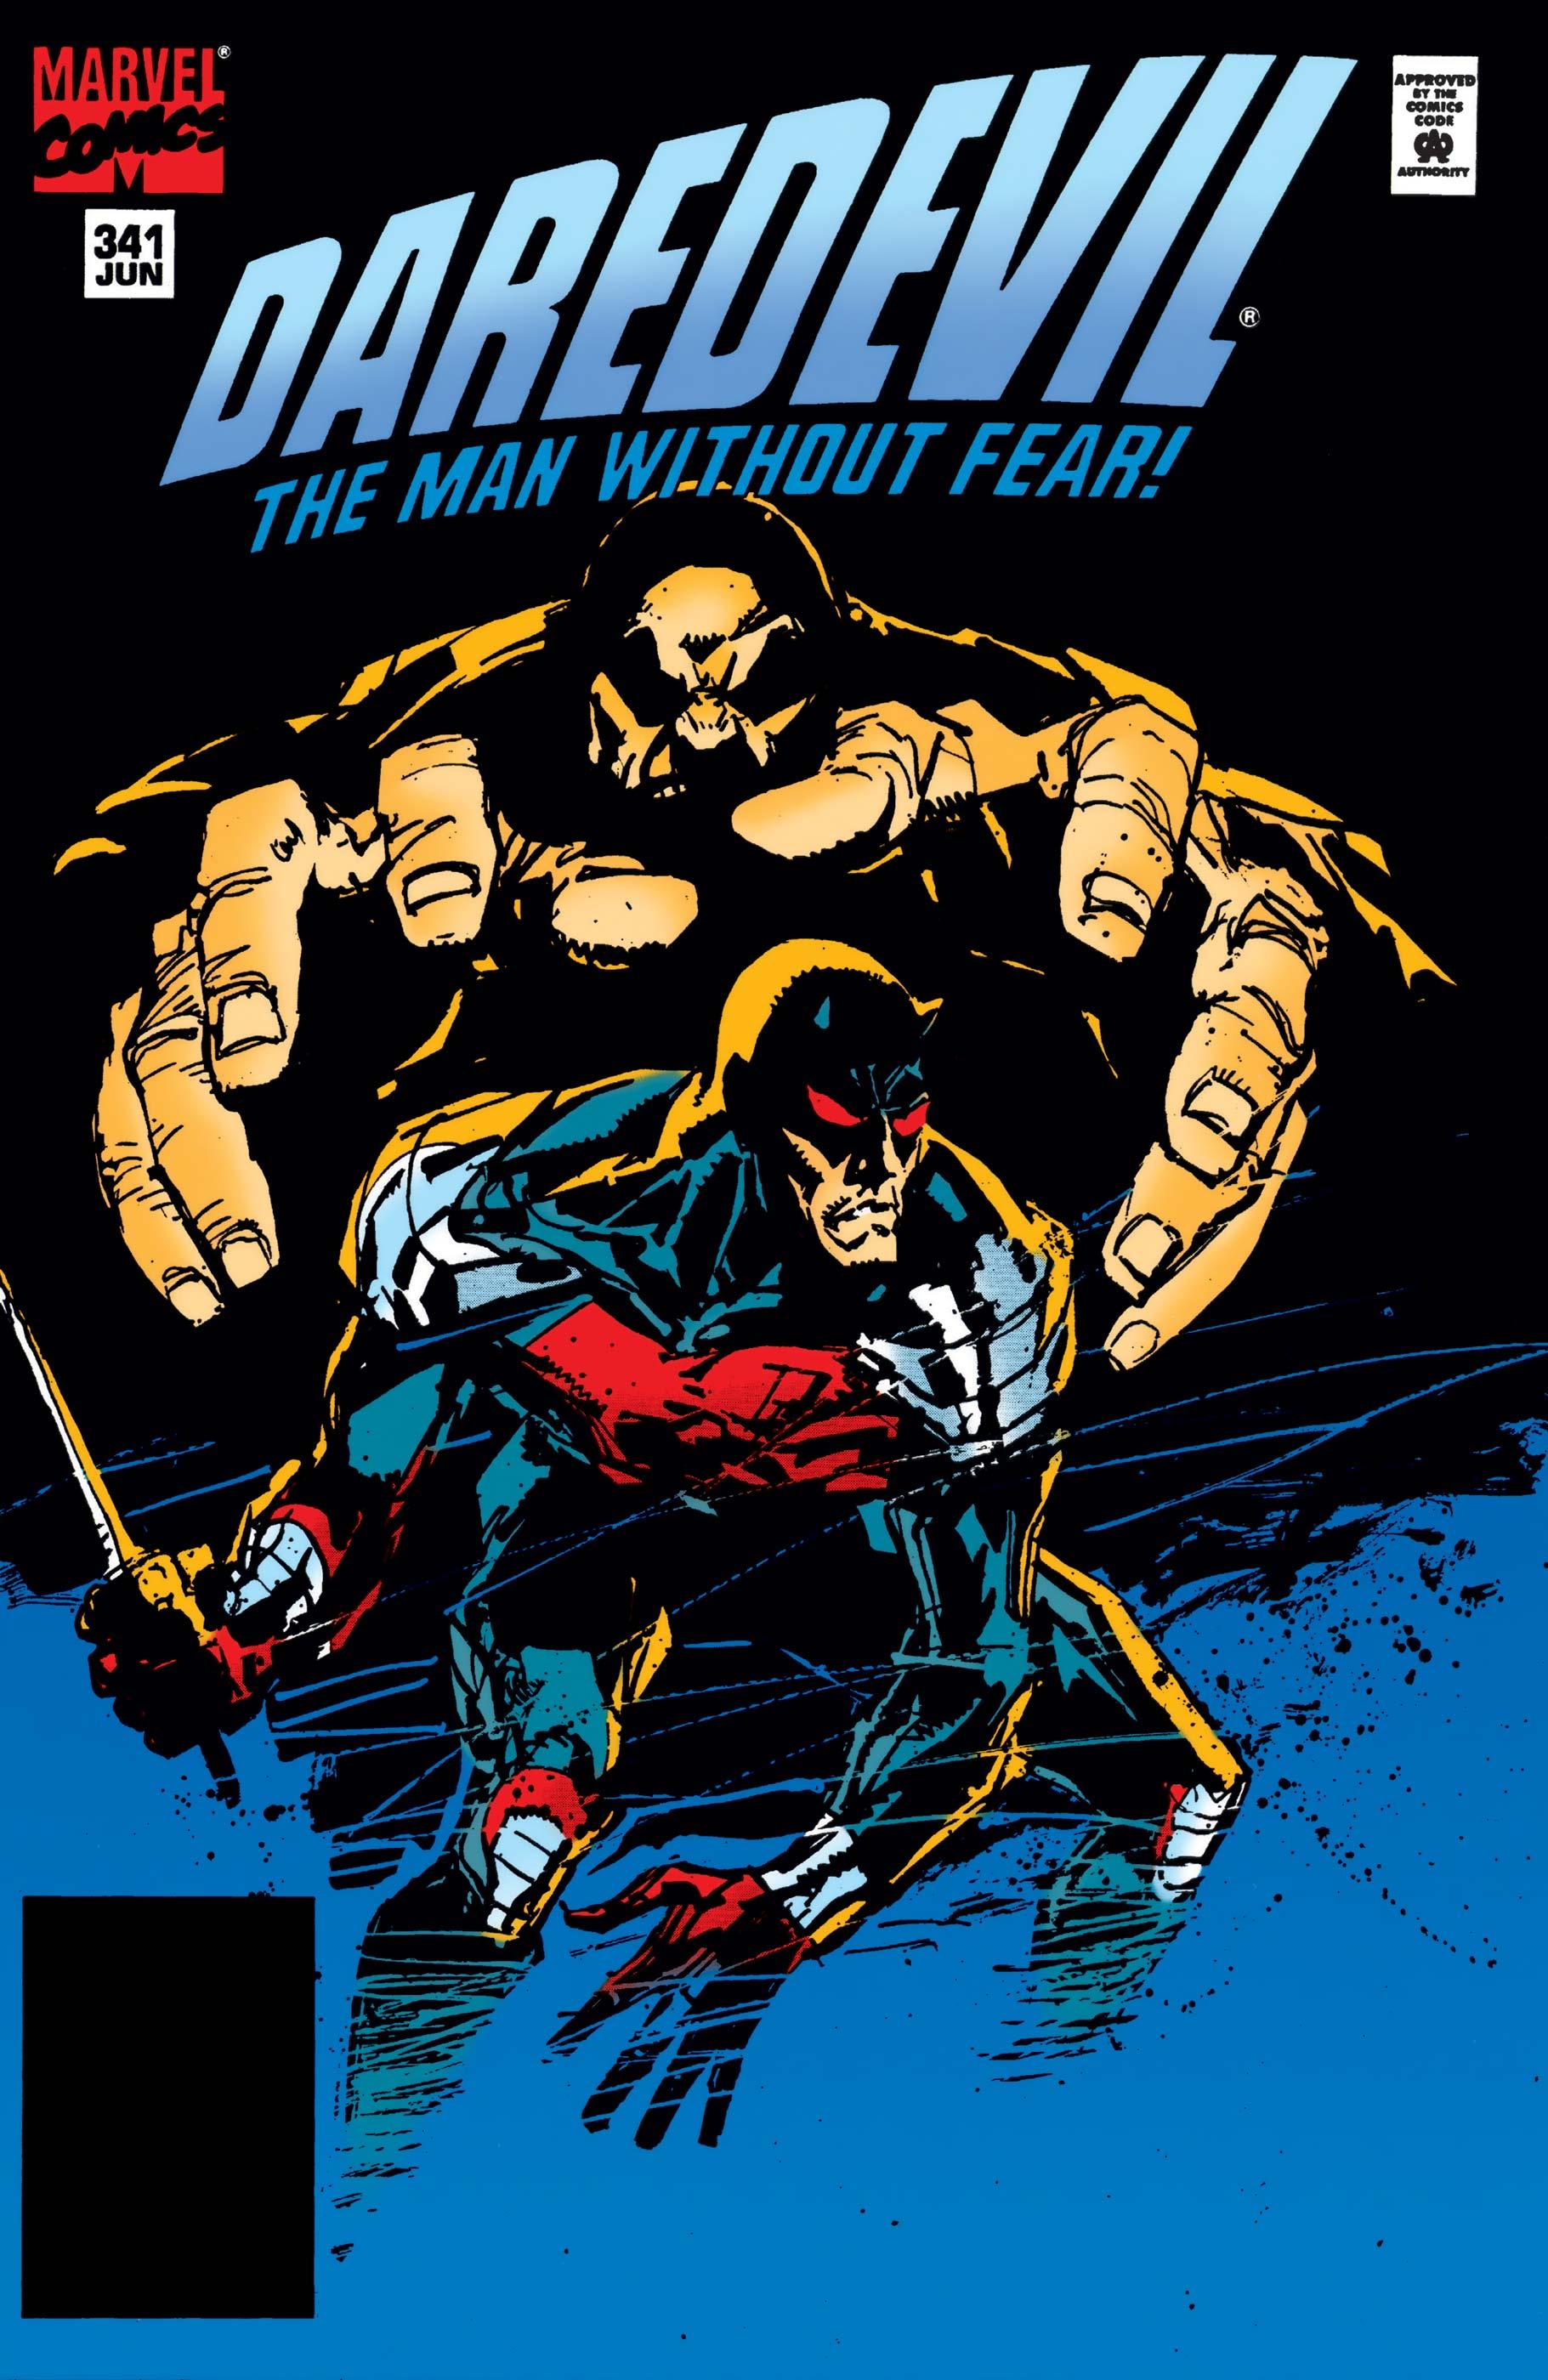 Daredevil (1964) #341